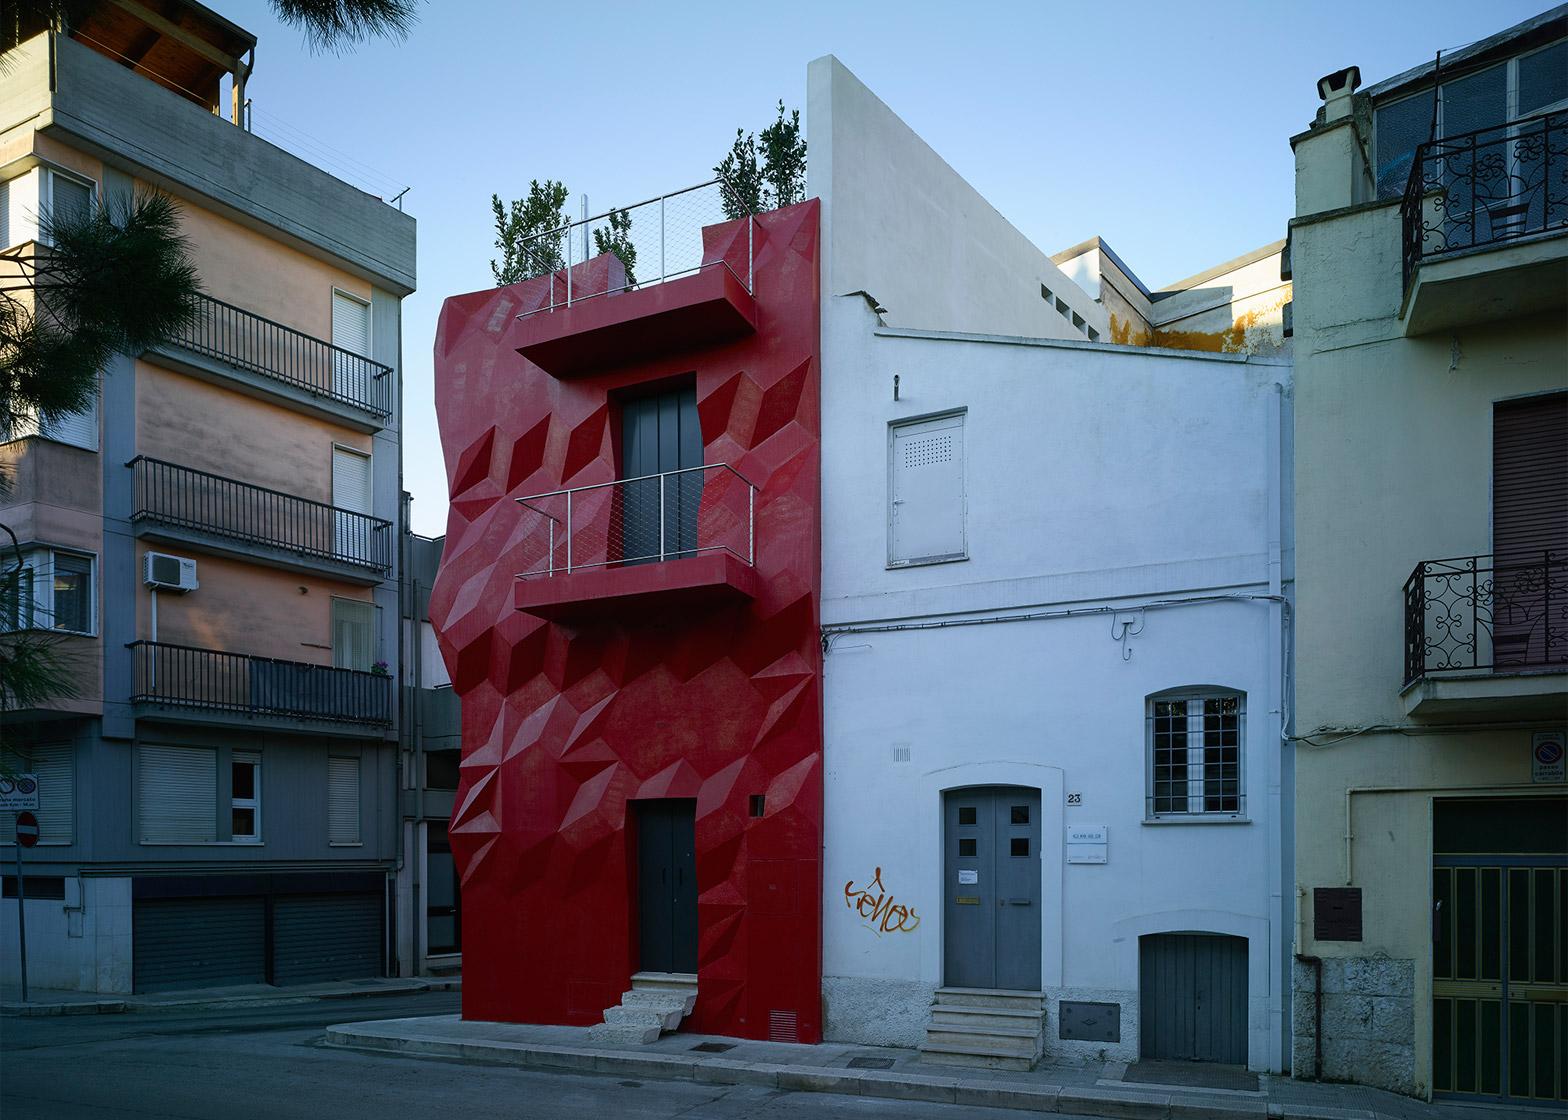 gentle-genius-gg-loop-facade-refurbishment-exterior_dezeen_1568_1